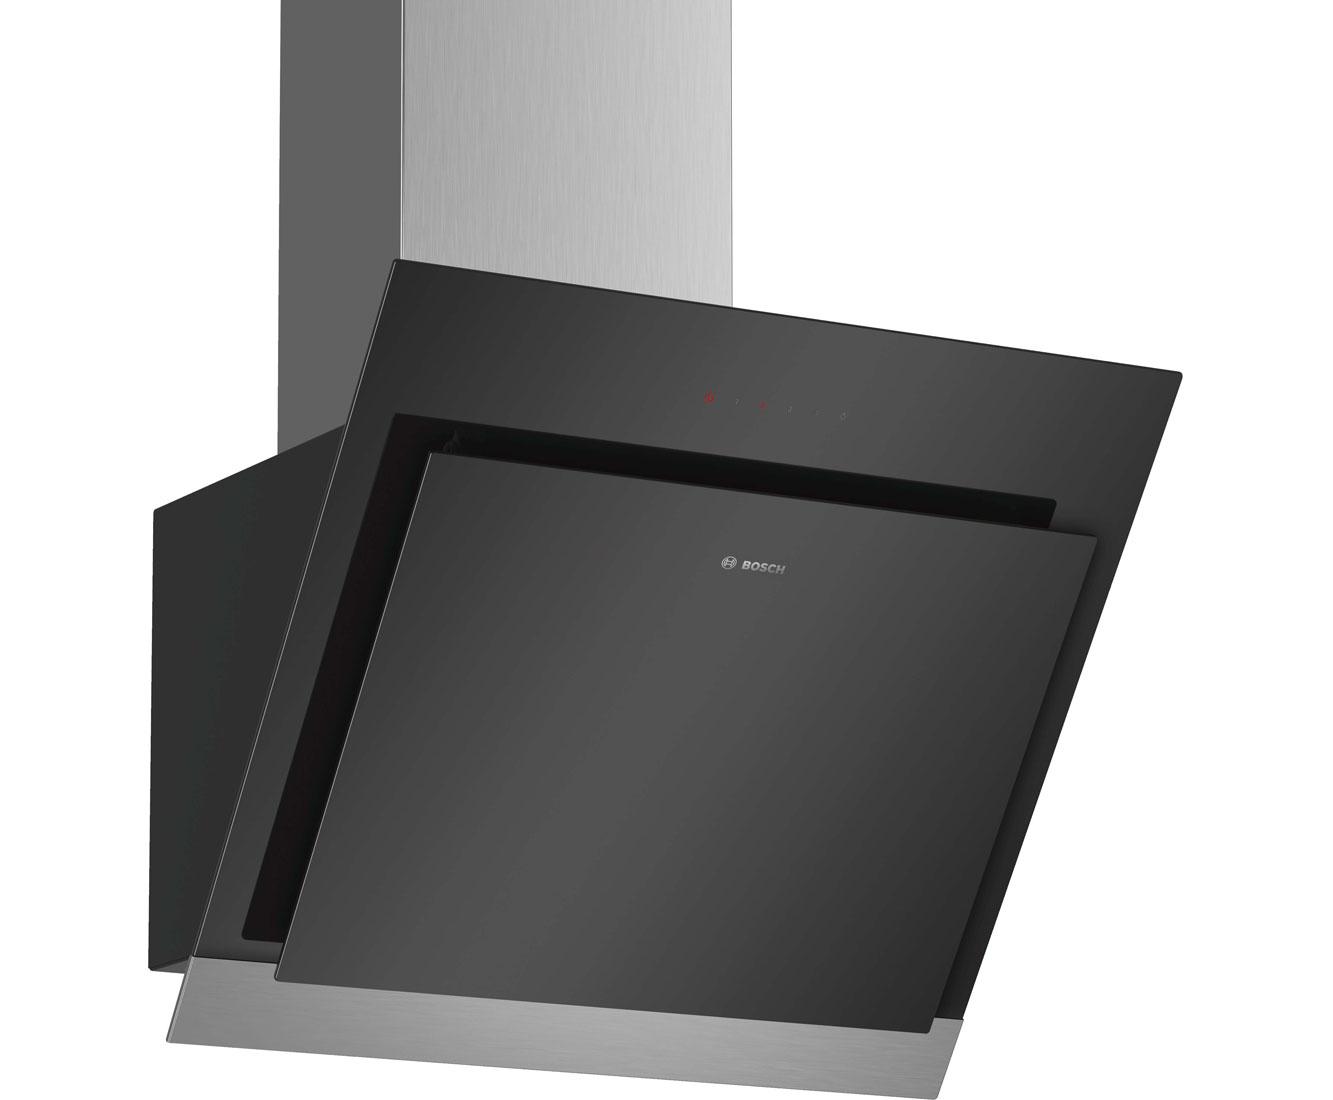 Bosch dwk hm serie dunstabzugshaube eingebaut cm schwarz